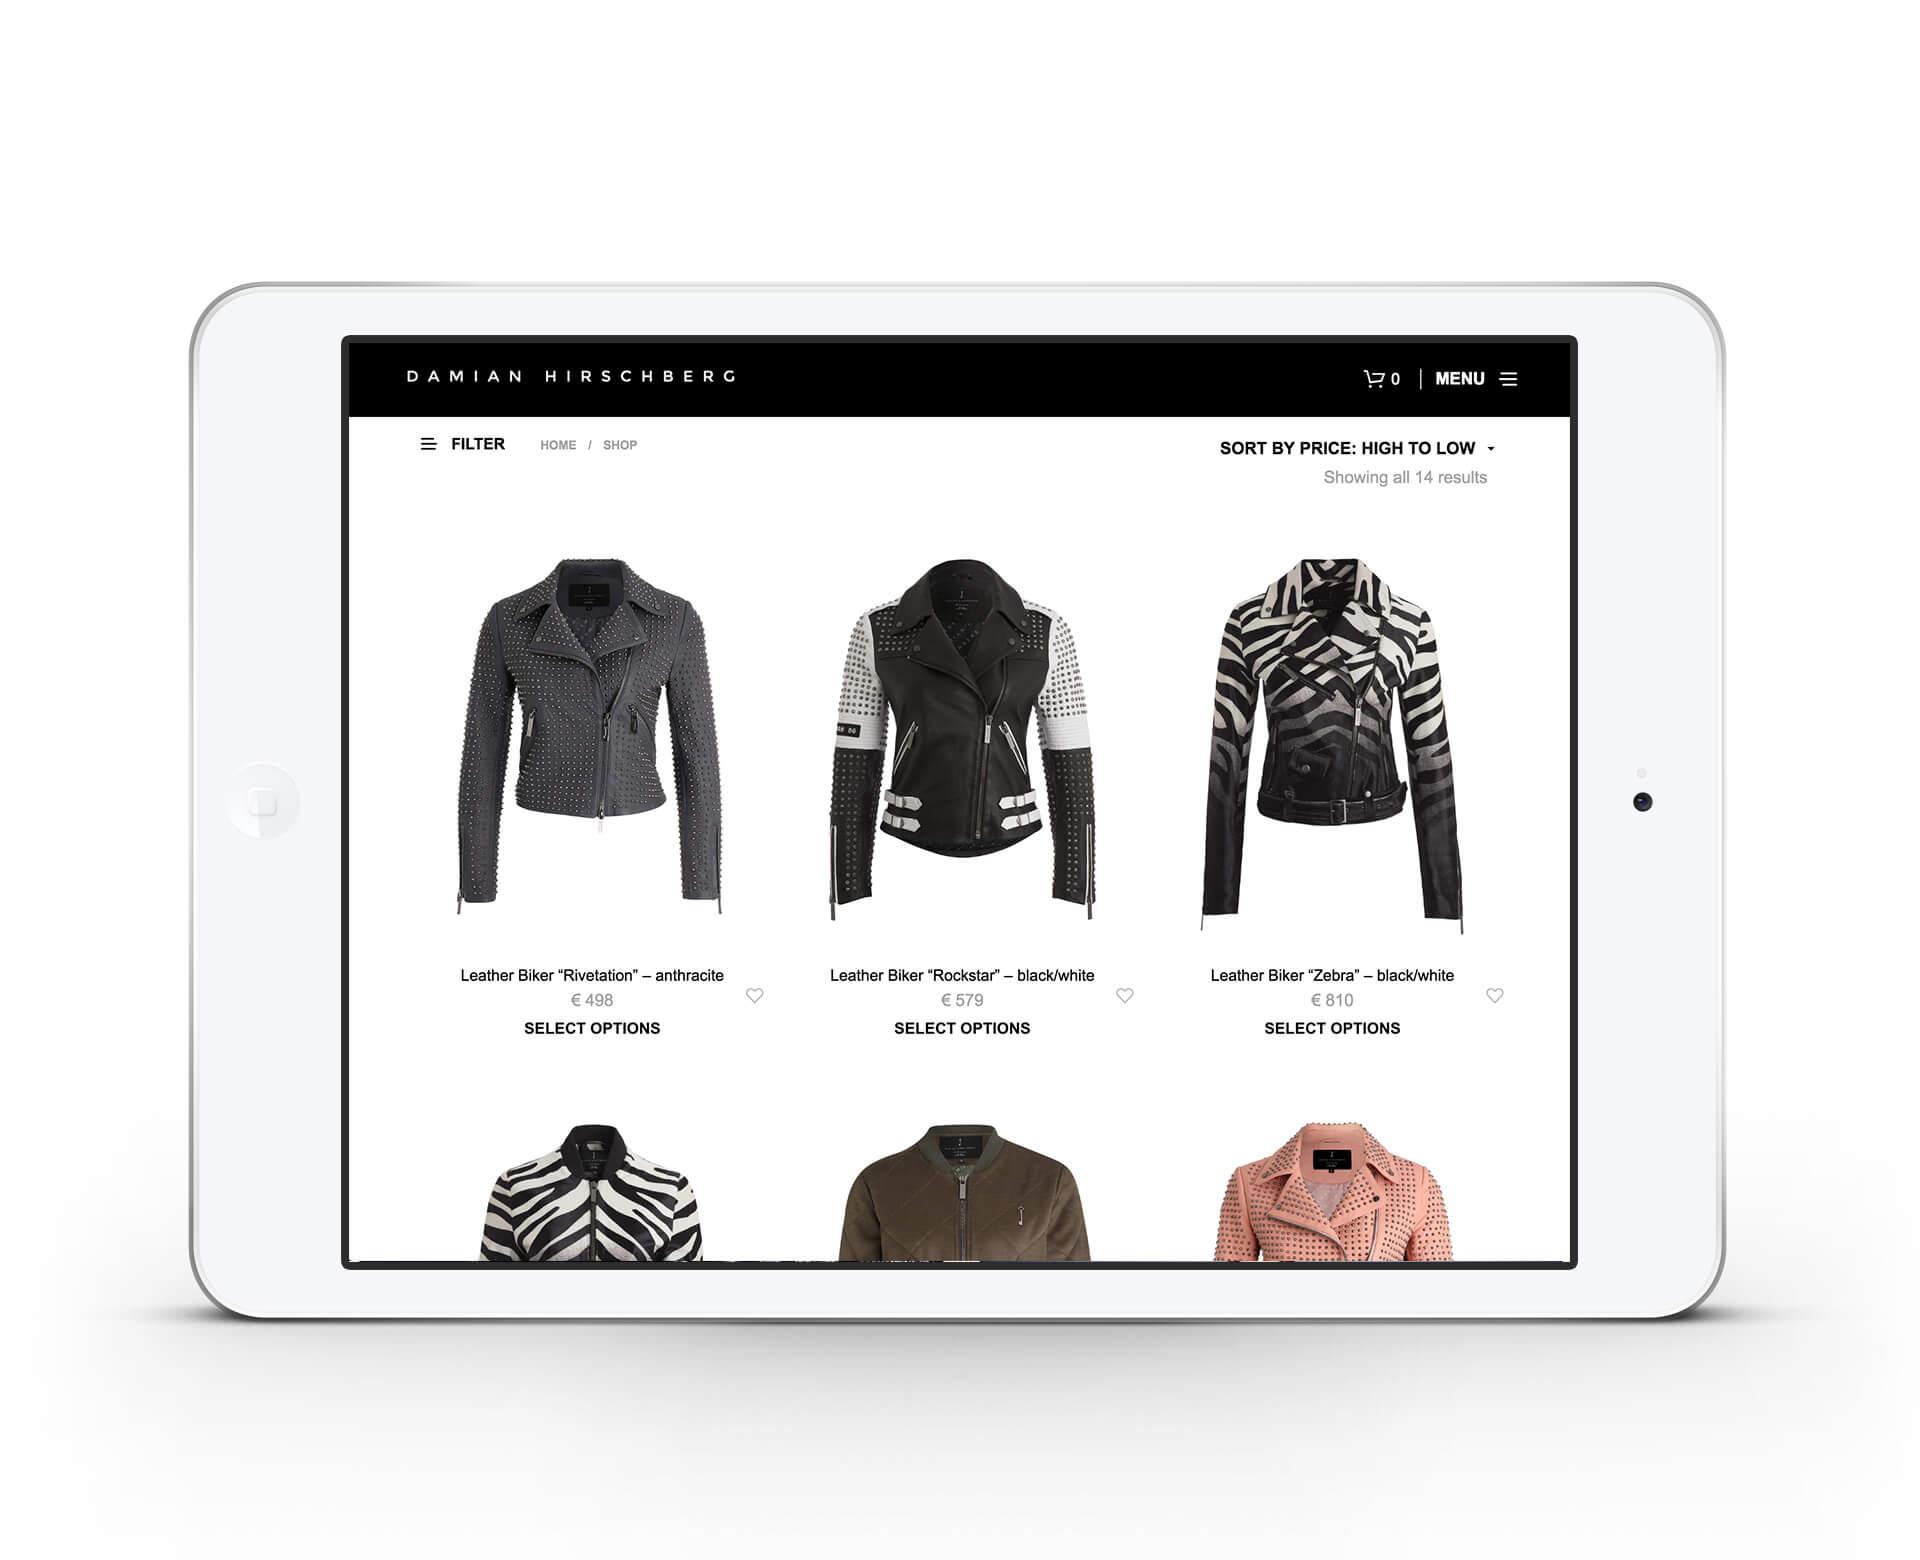 Damian Hirschberg Shopansicht iPad